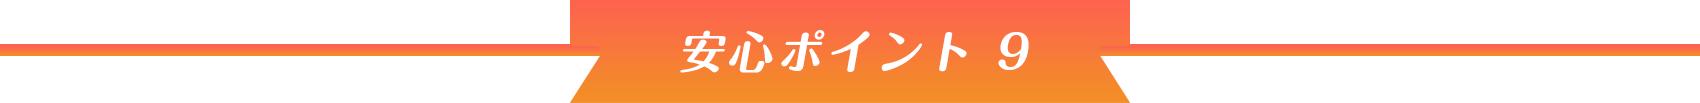 安心ポイント9